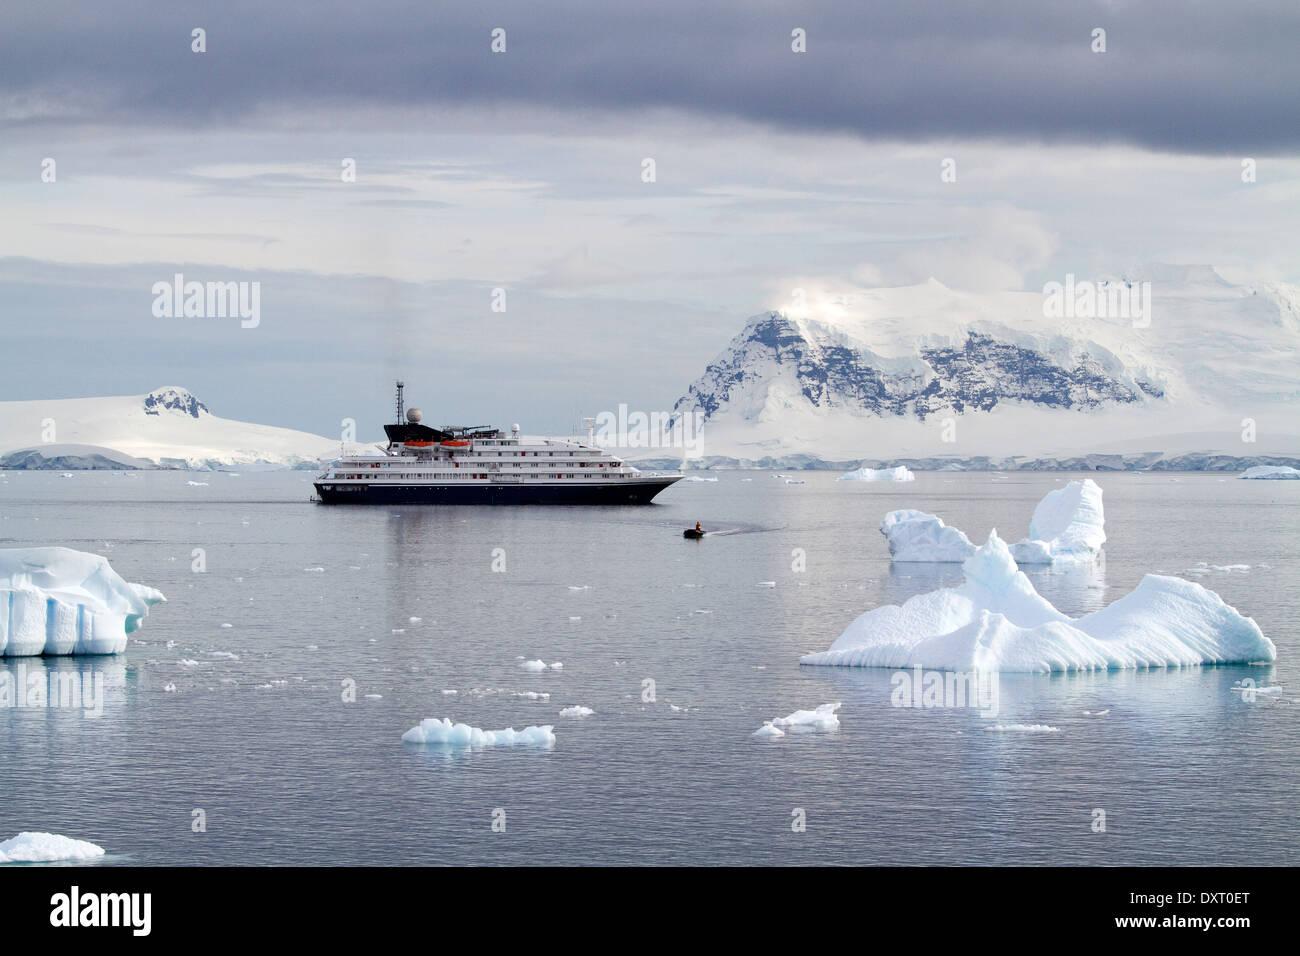 Antarktis Kreuzfahrtschiff Antarktis-Expedition mit Touristen genießen antarktischen Landschaft, antarktische Halbinsel. Ein Zodiac verlässt das Schiff Stockbild